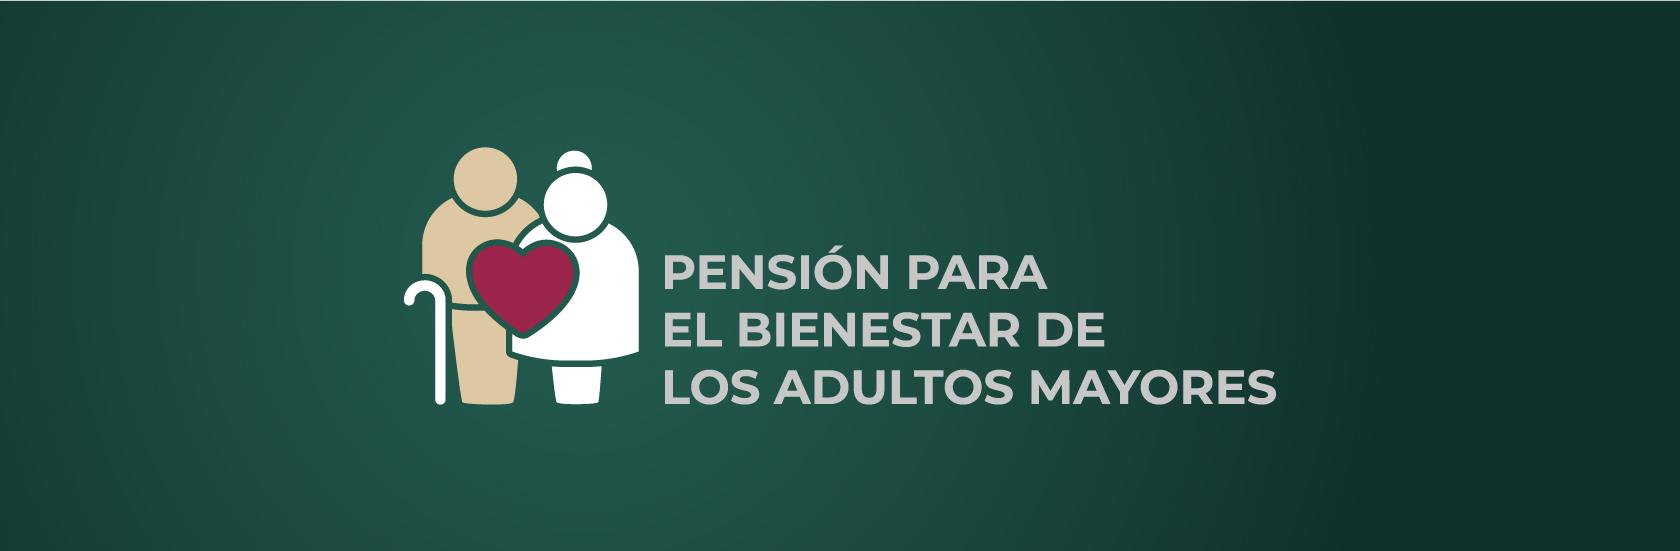 Pensión-Adulto